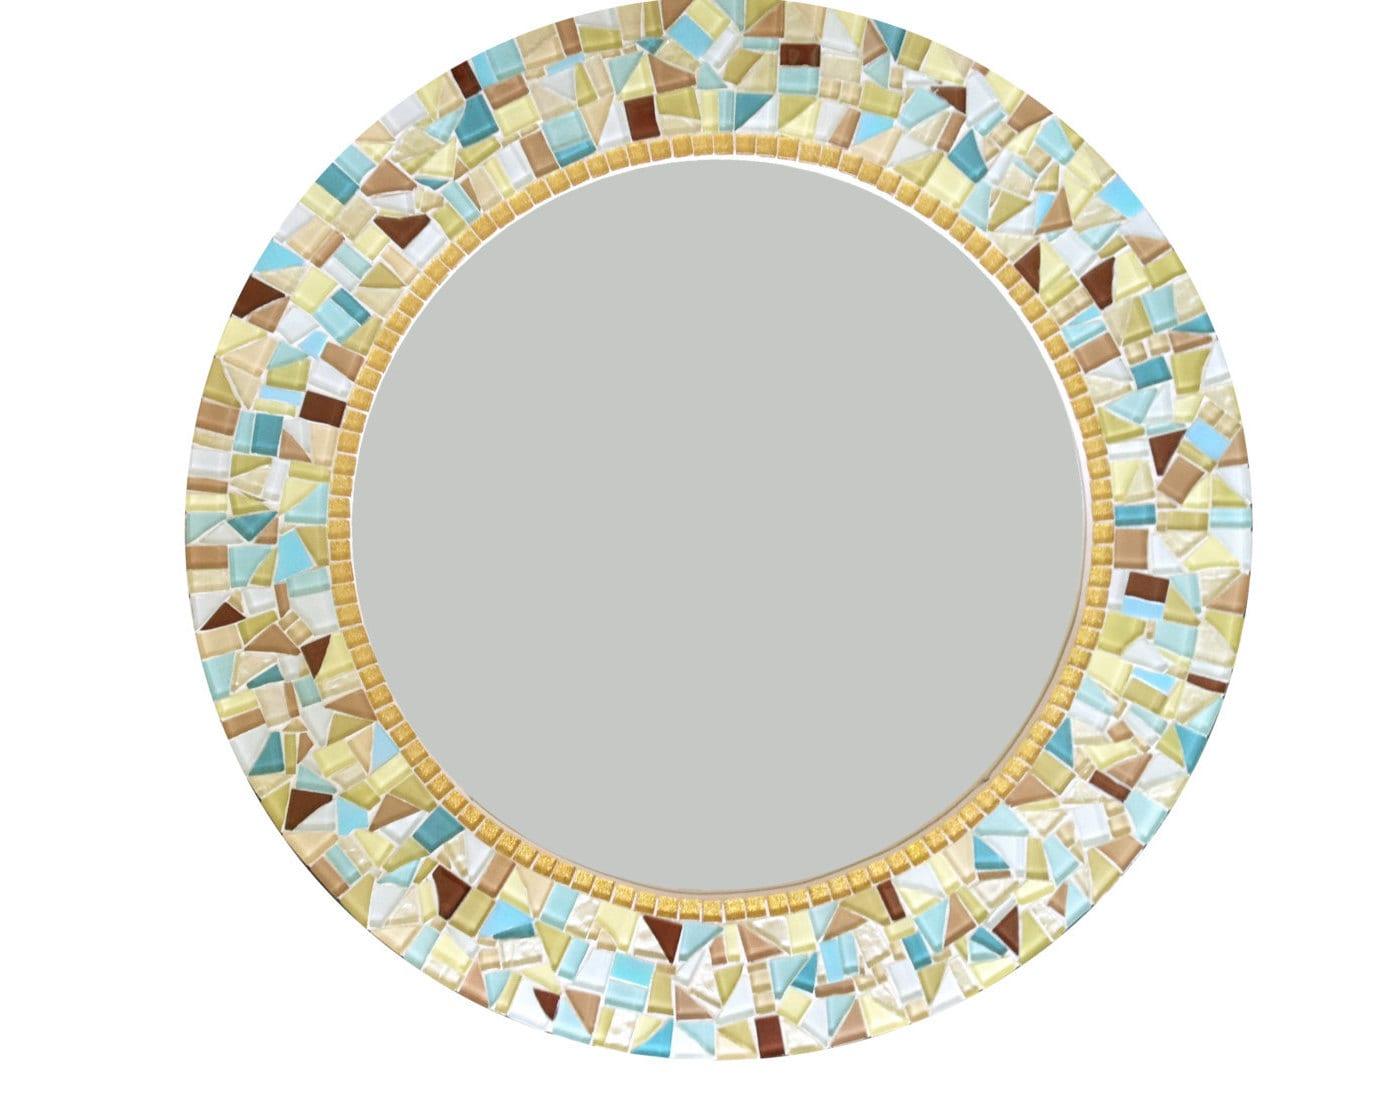 Wall Mirror // Round Mosaic Mirror // Decorative Mirror //